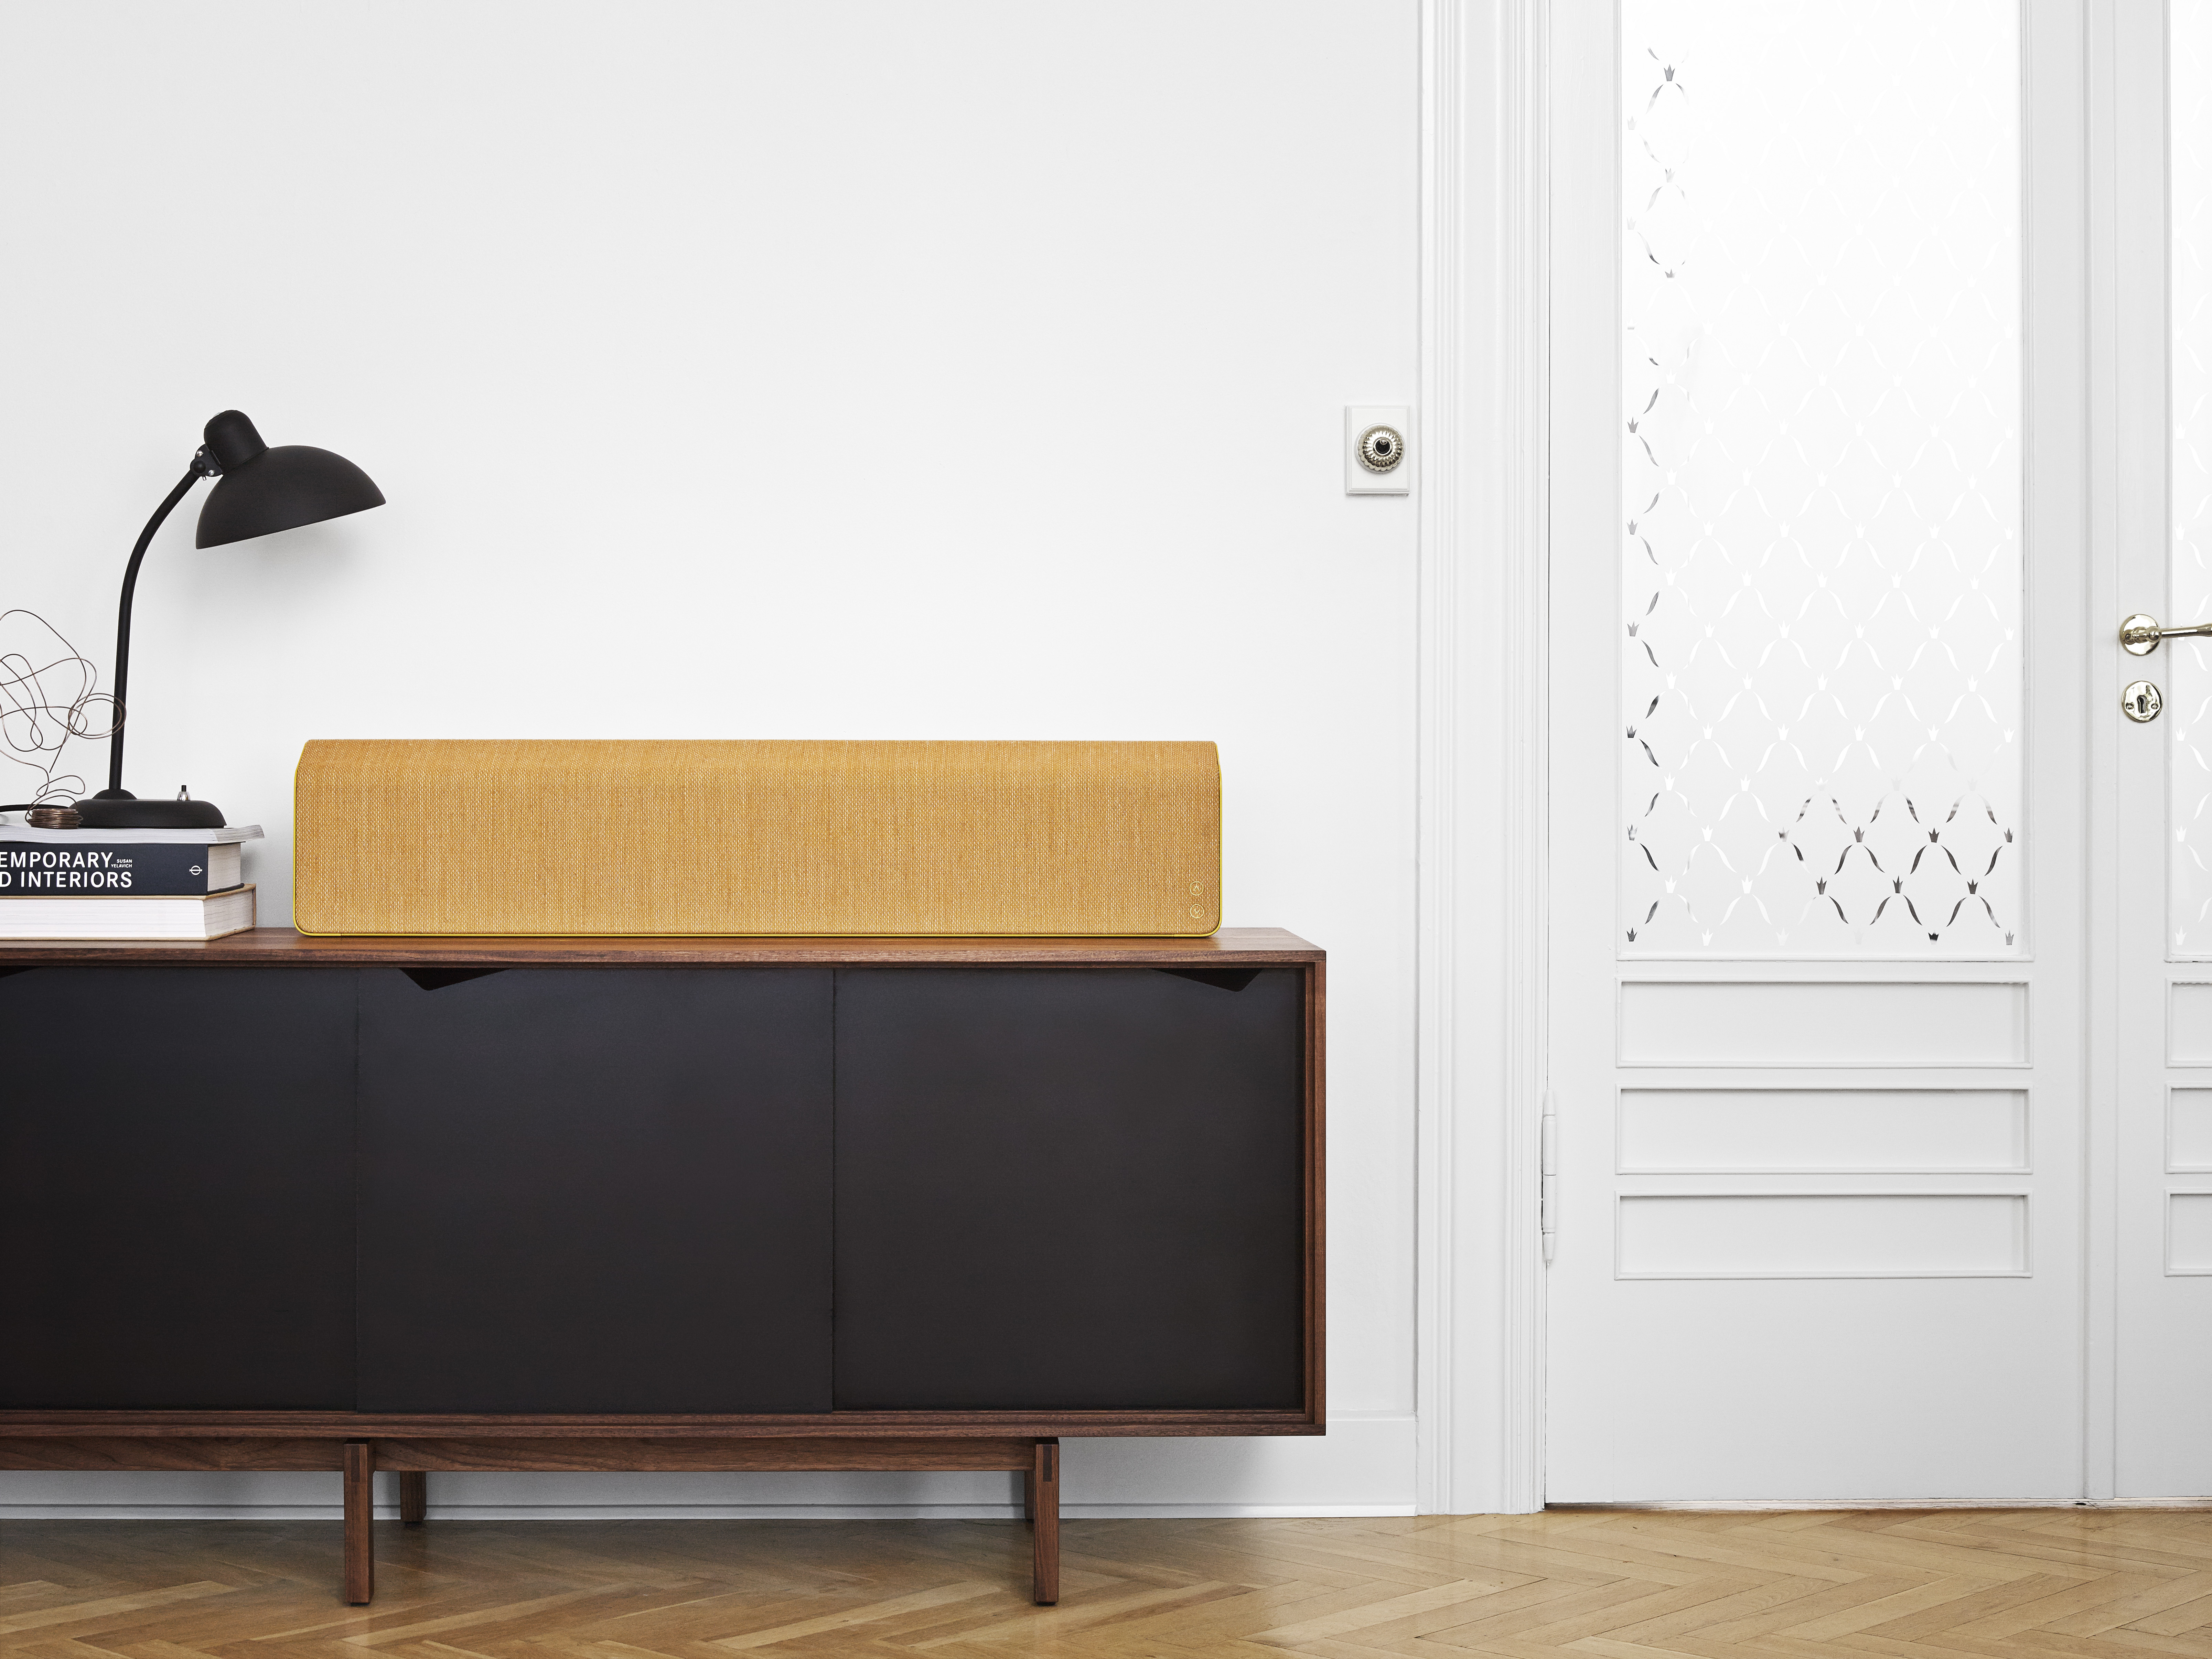 Ausgewachsen: Der Vifa Stockholm beschallt auch größere Räume in bester Qualität